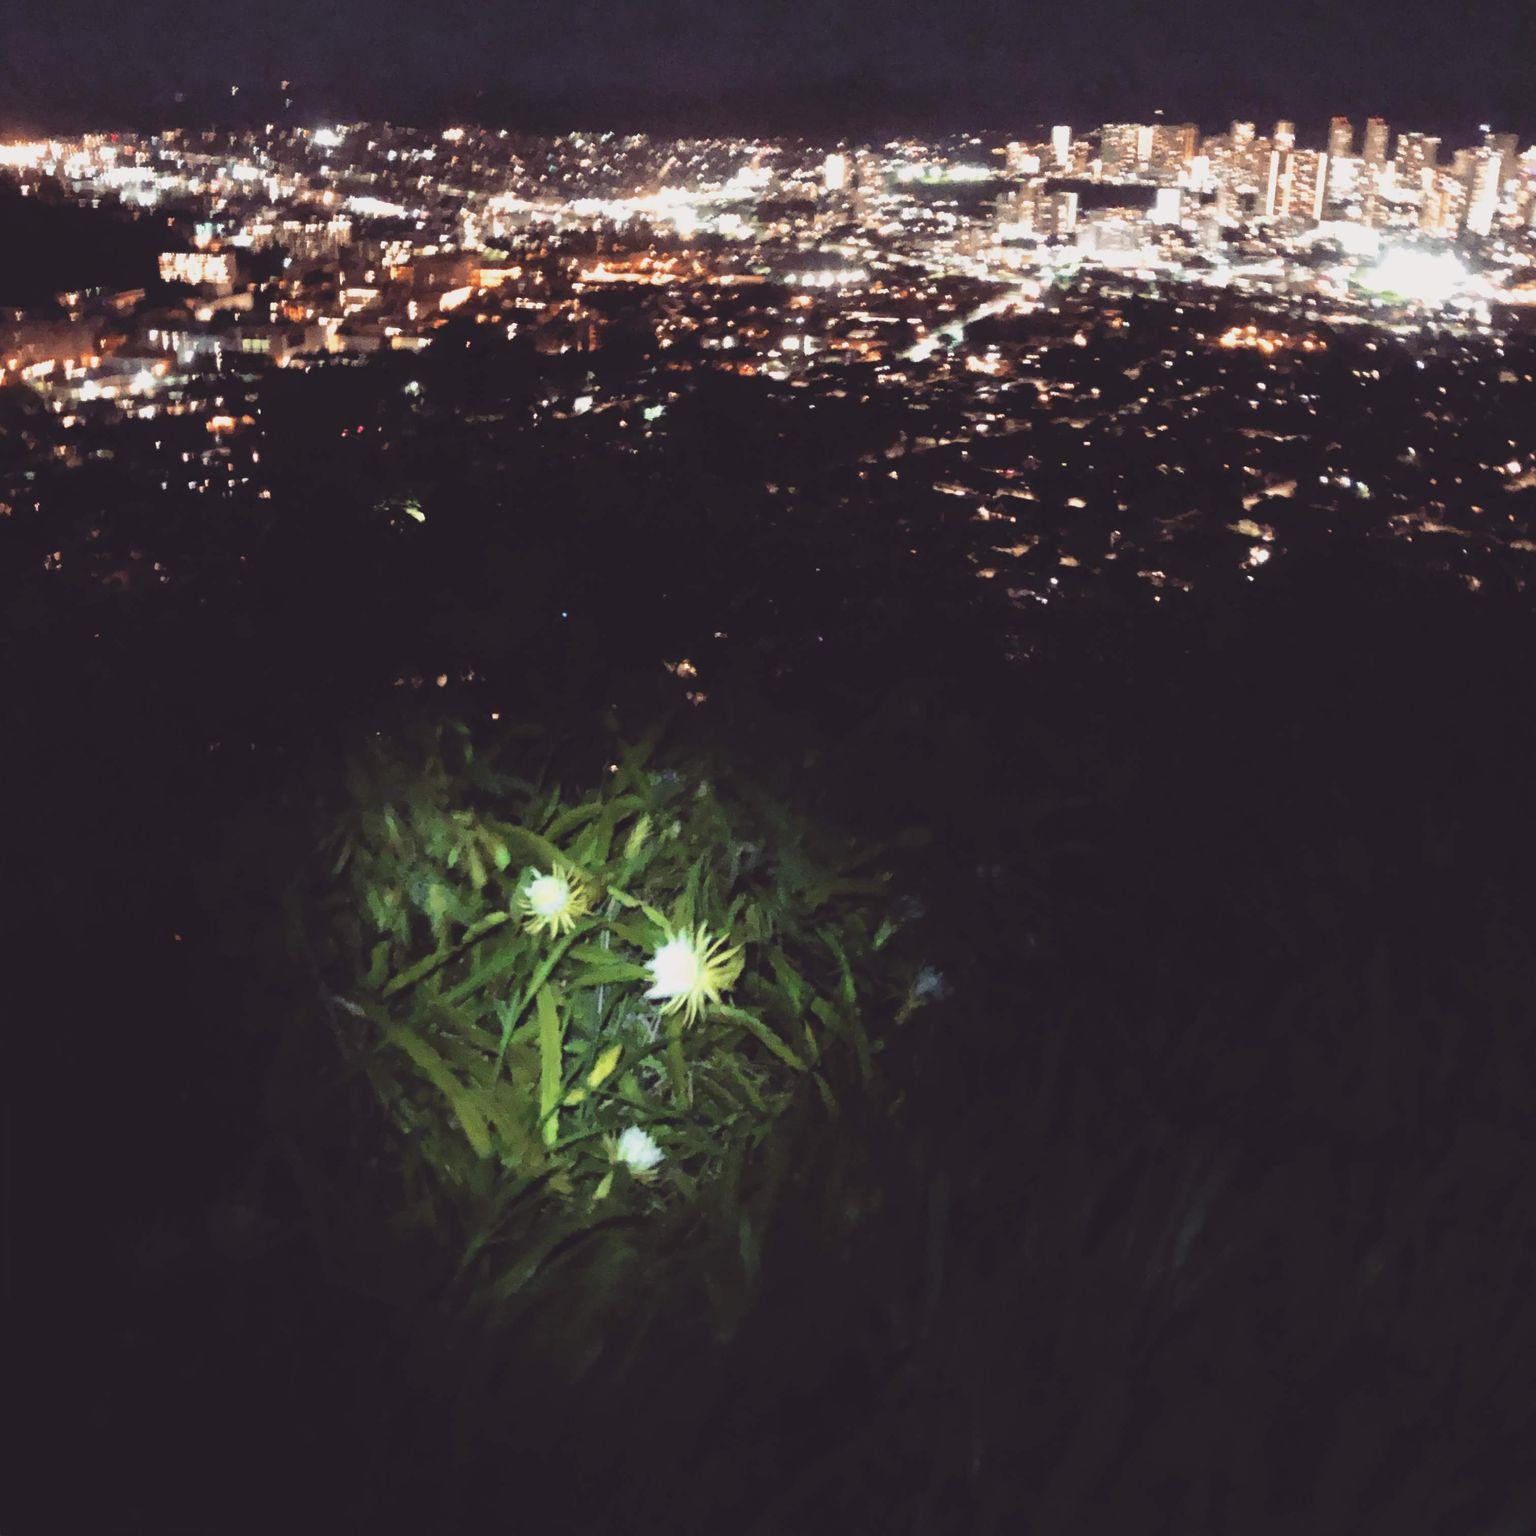 ベテランドライバーがハワイ随一の夜景スポットへご案内します!